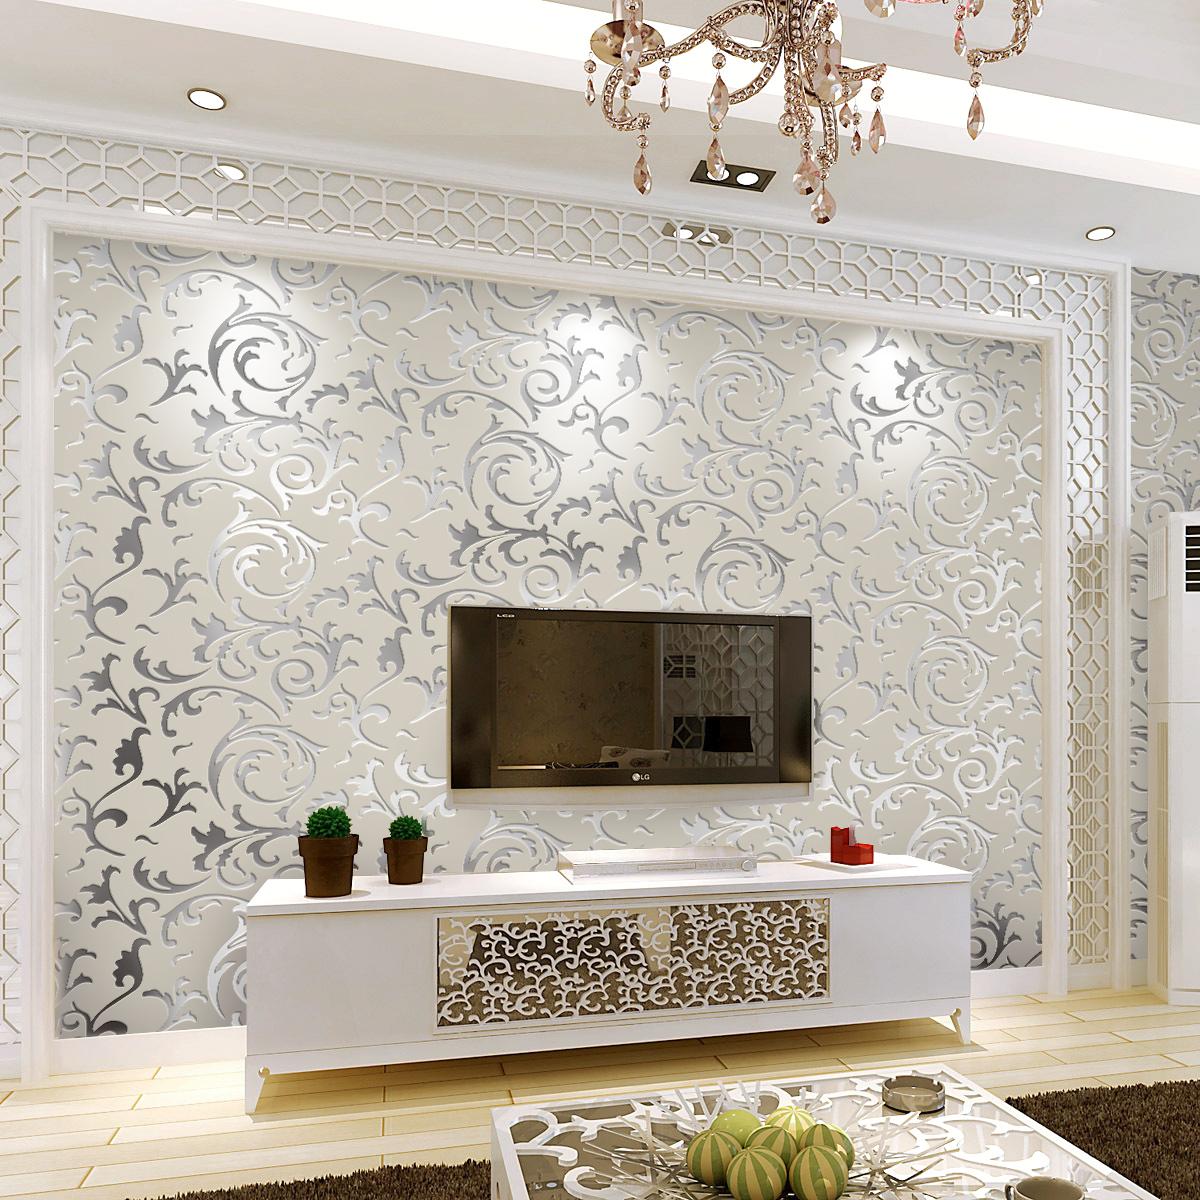 kleiderschrank leuchten ikea. Black Bedroom Furniture Sets. Home Design Ideas